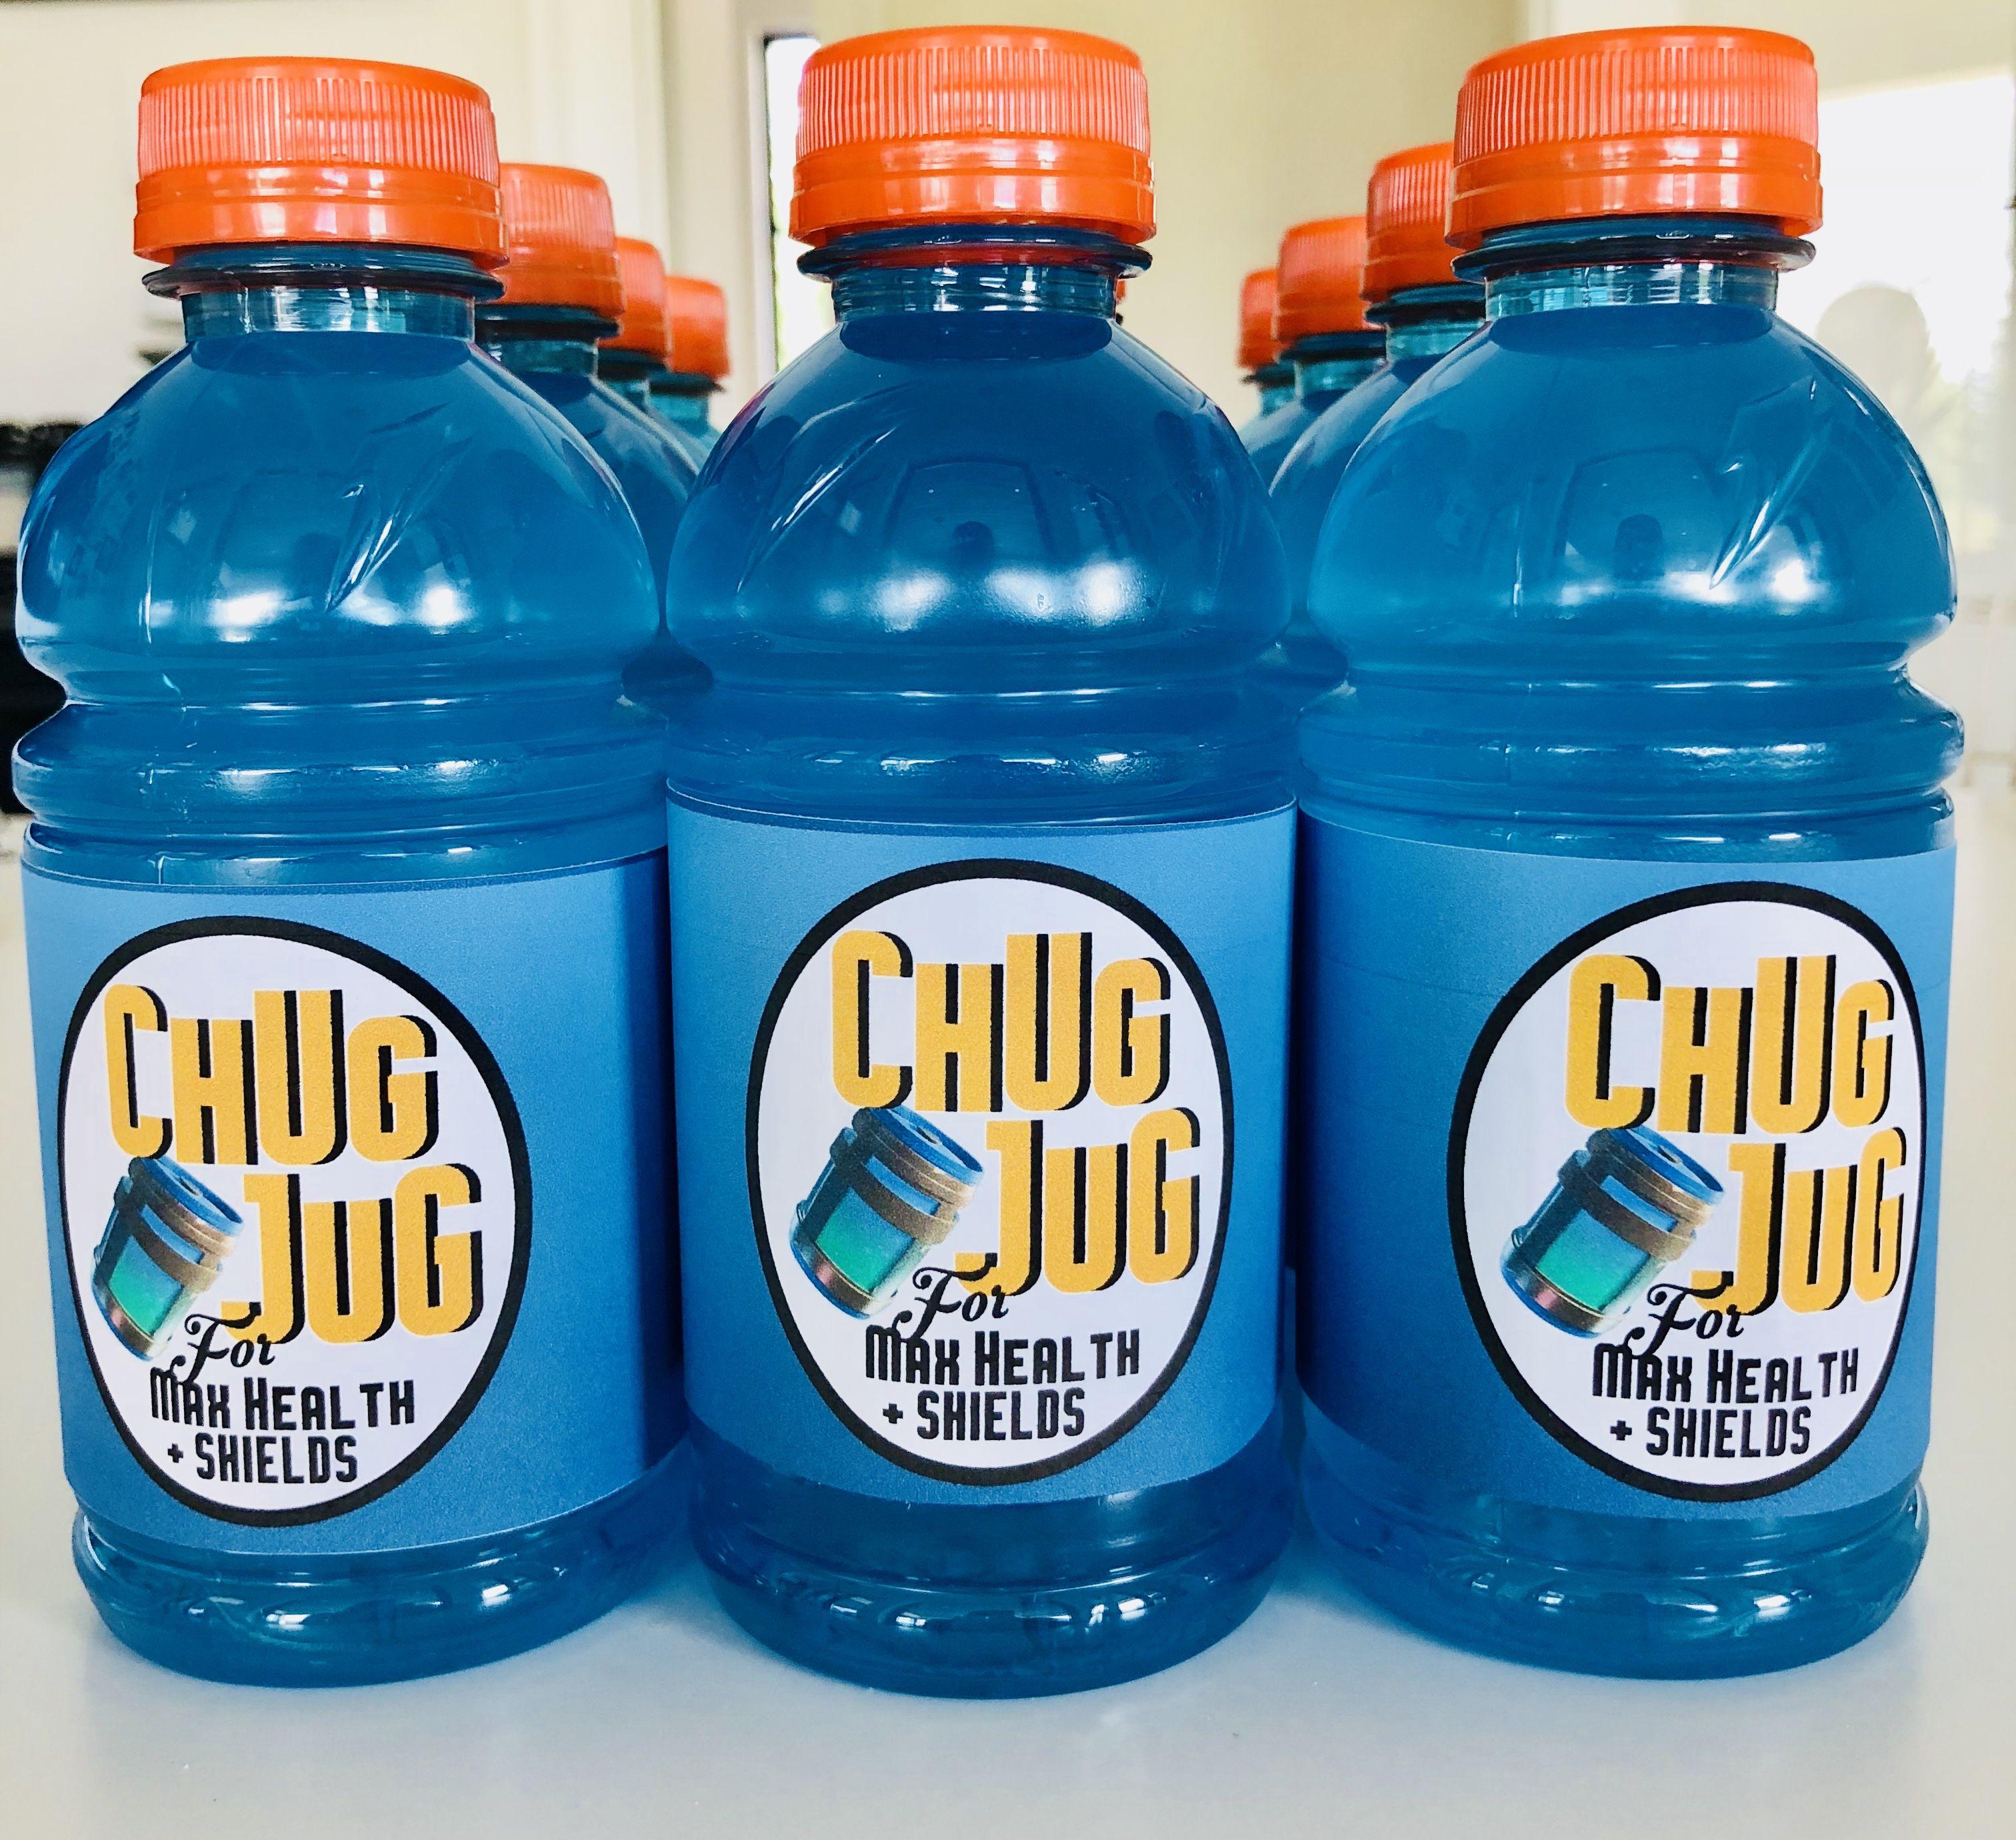 photograph relating to Chug Jug Printable known as Chug Jug printables against Etsy upon Gatorade bottles for